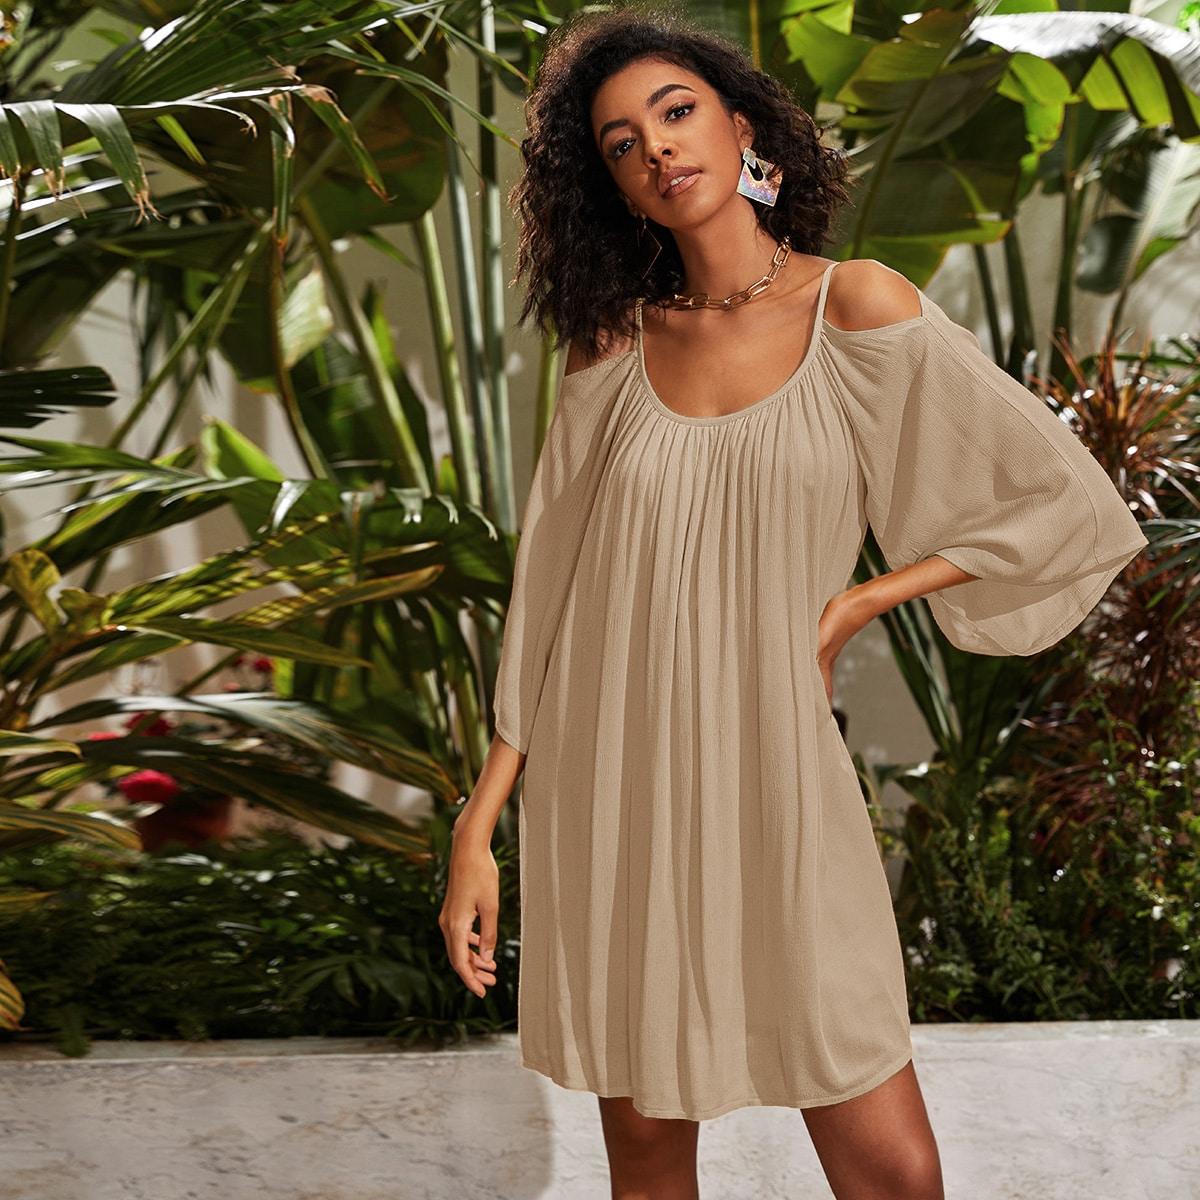 Однотонное платье с открытыми плечами фото